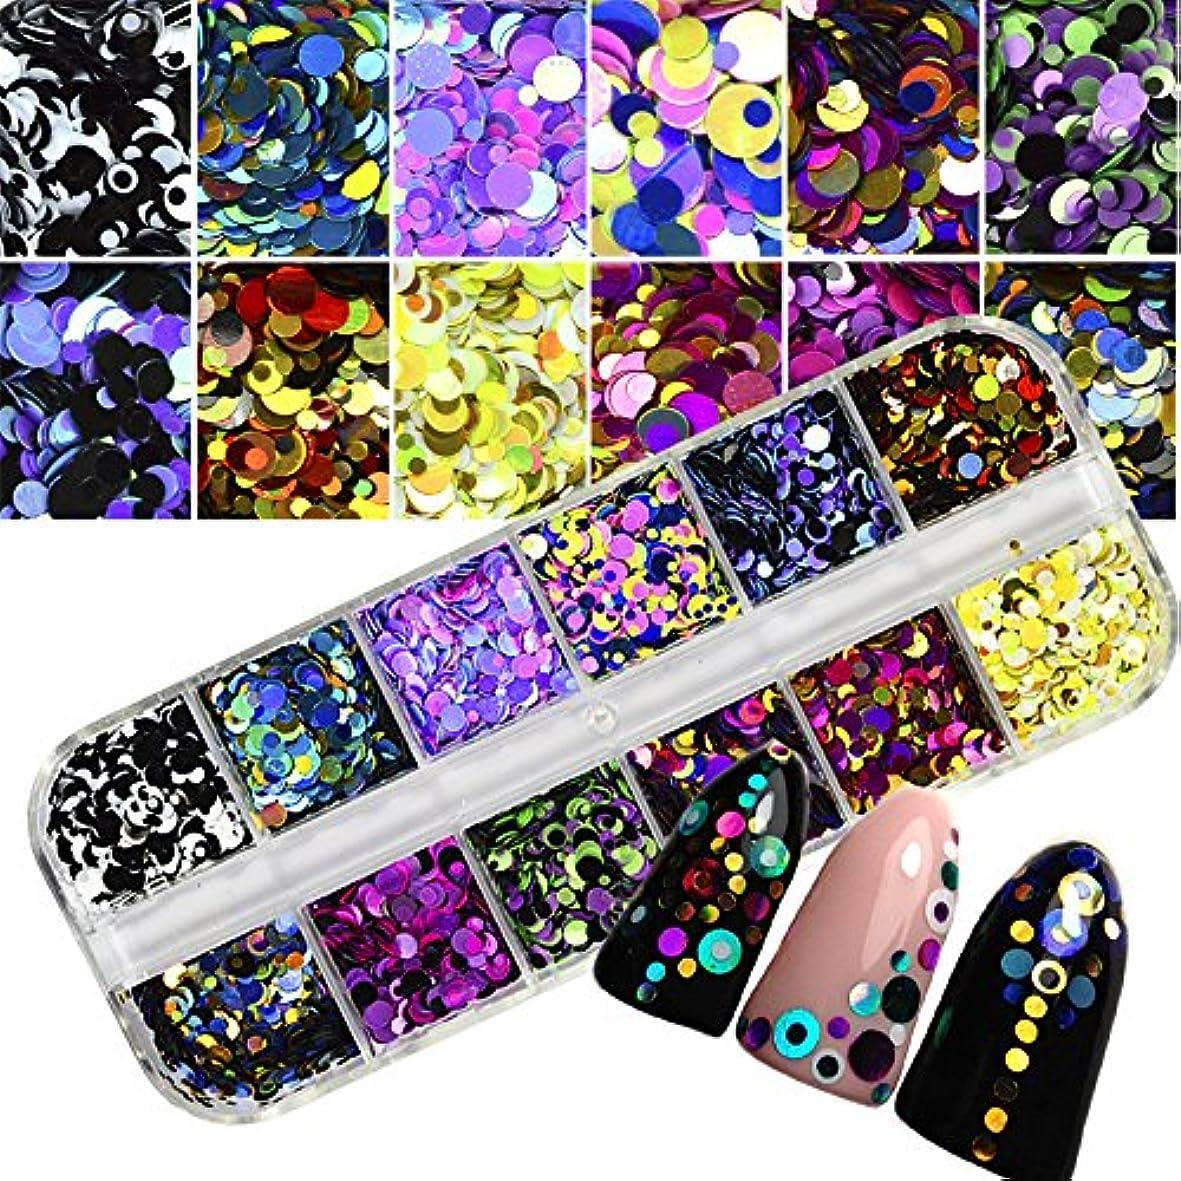 ママ極地不忠1 Set Dazzling Round Nail Glitter Sequins Dust Mixed 12 Grids 1/2/3mm DIY Charm Polish Flakes Decorations Manicure...